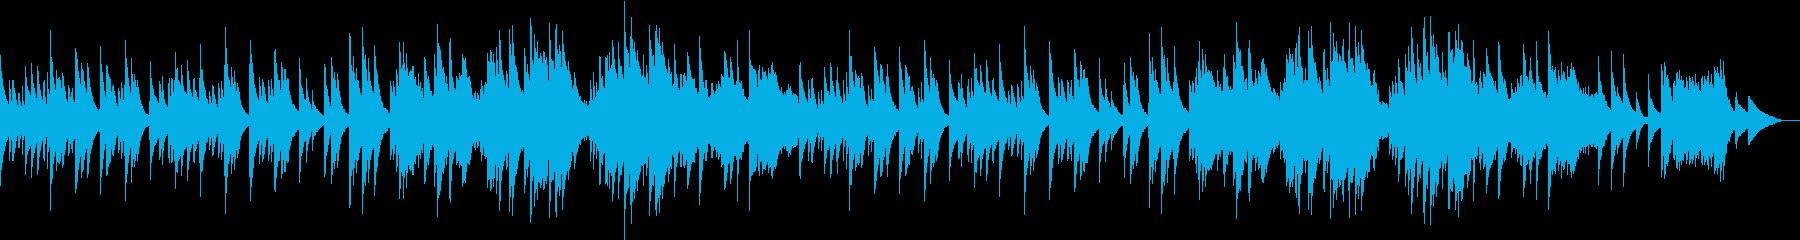 チェレスタの旋律がどこかなつかしい曲の再生済みの波形